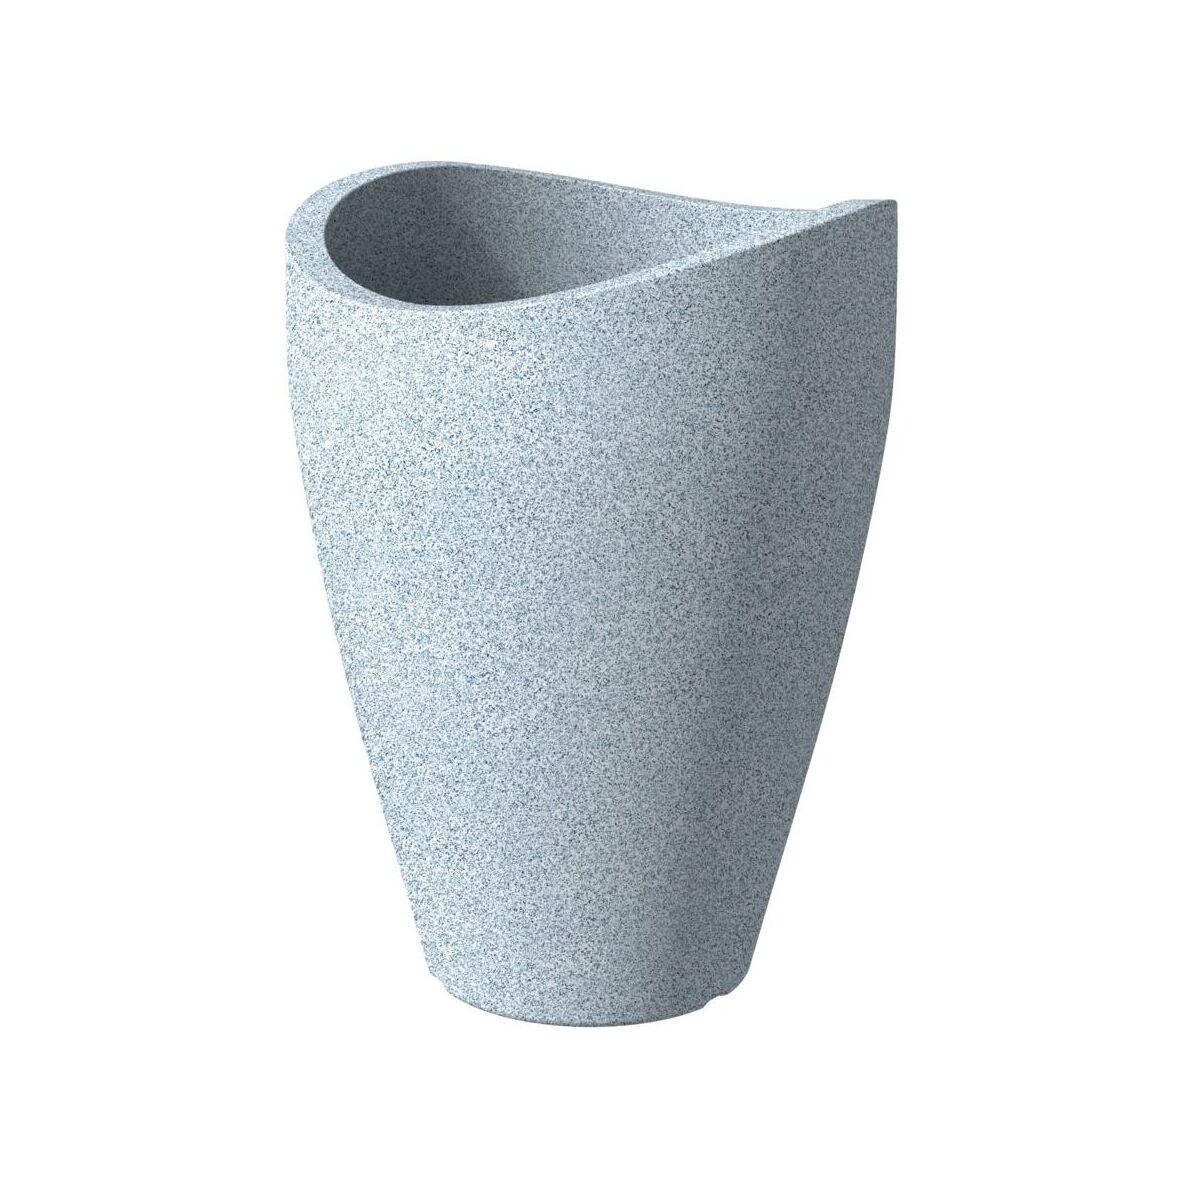 doniczka wei granit scheurich doniczki w atrakcyjnej cenie w sklepach leroy merlin. Black Bedroom Furniture Sets. Home Design Ideas